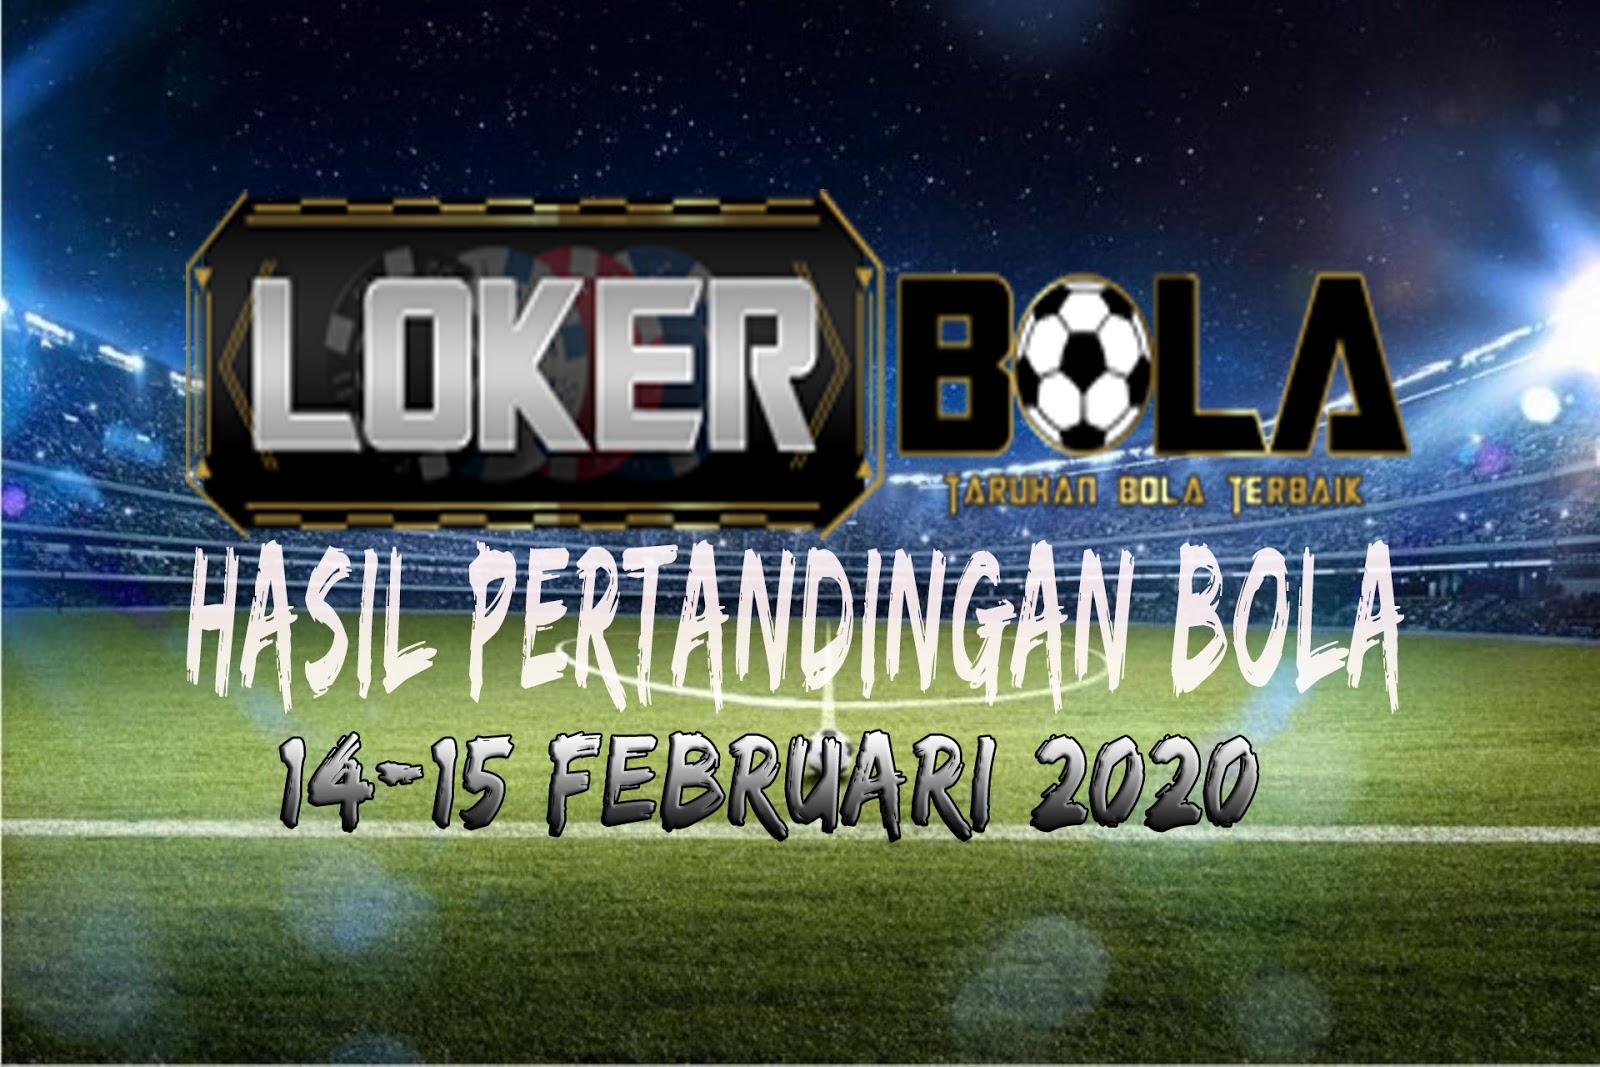 HASIL PERTANDINGAN BOLA 14-15 FEBRUARI 2020